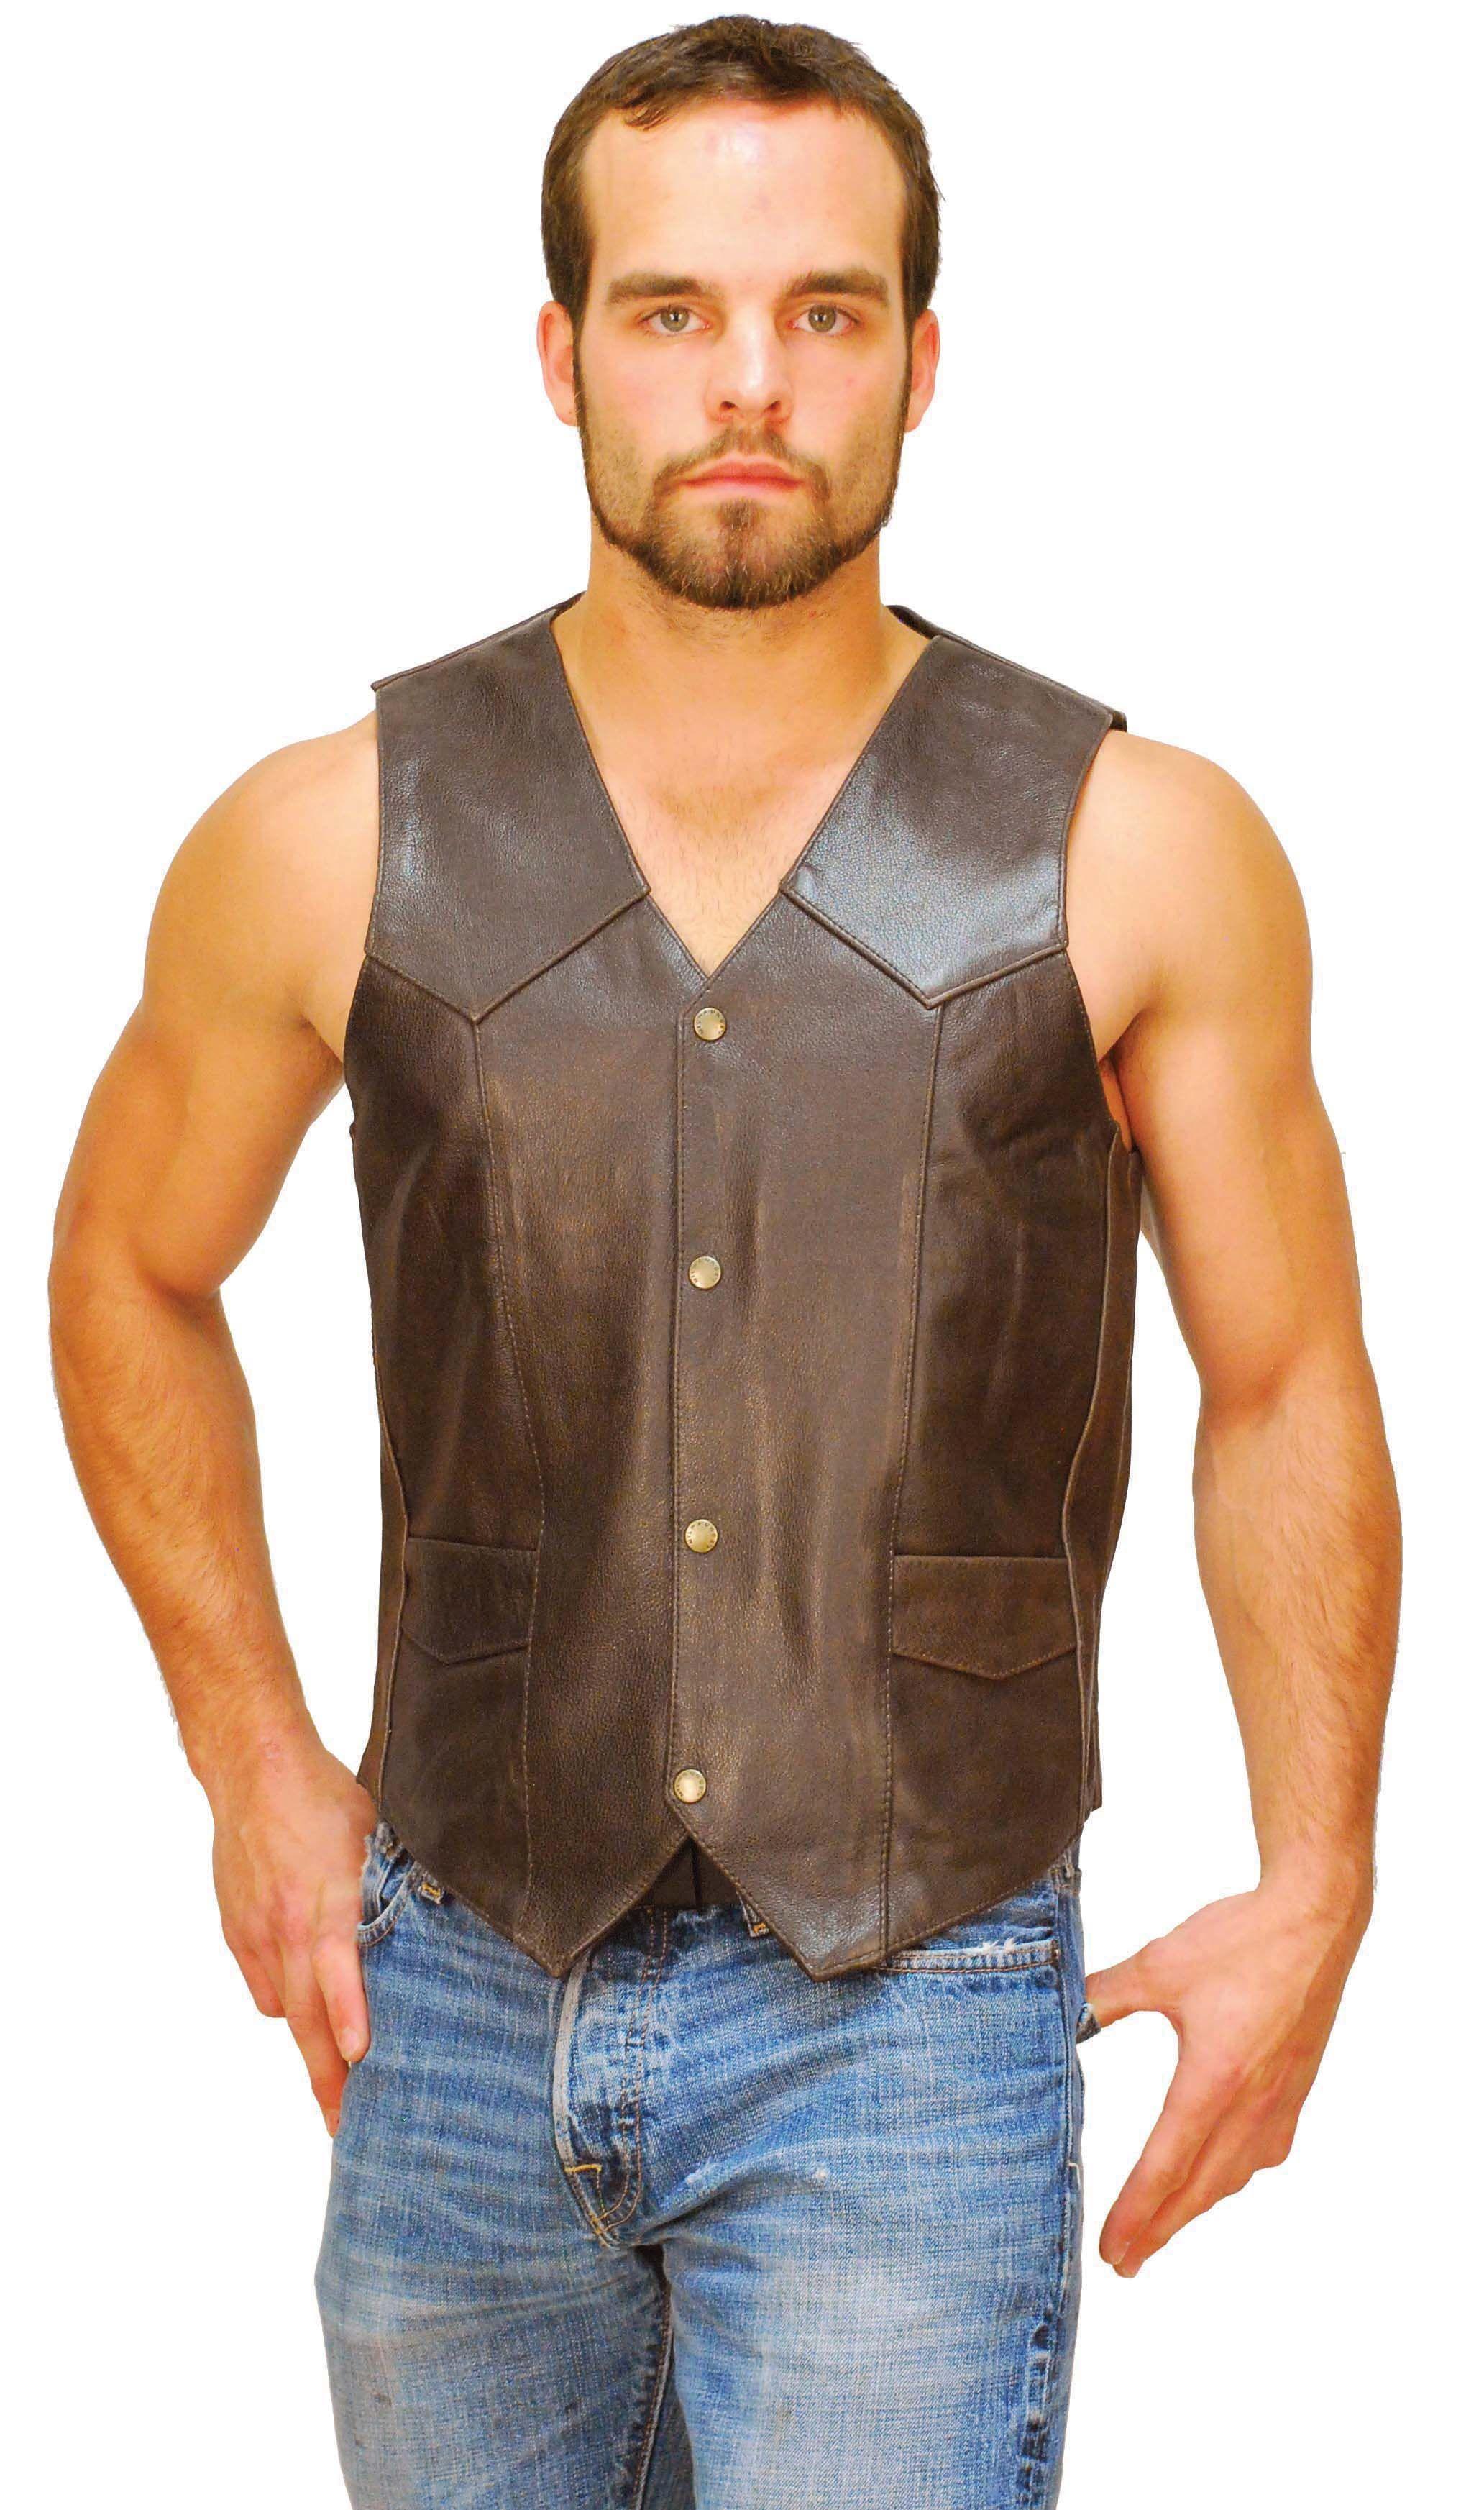 Dark Brown Leather Vest For Men Vm402rn Leather Vest Leather Waistcoat Dark Brown Leather